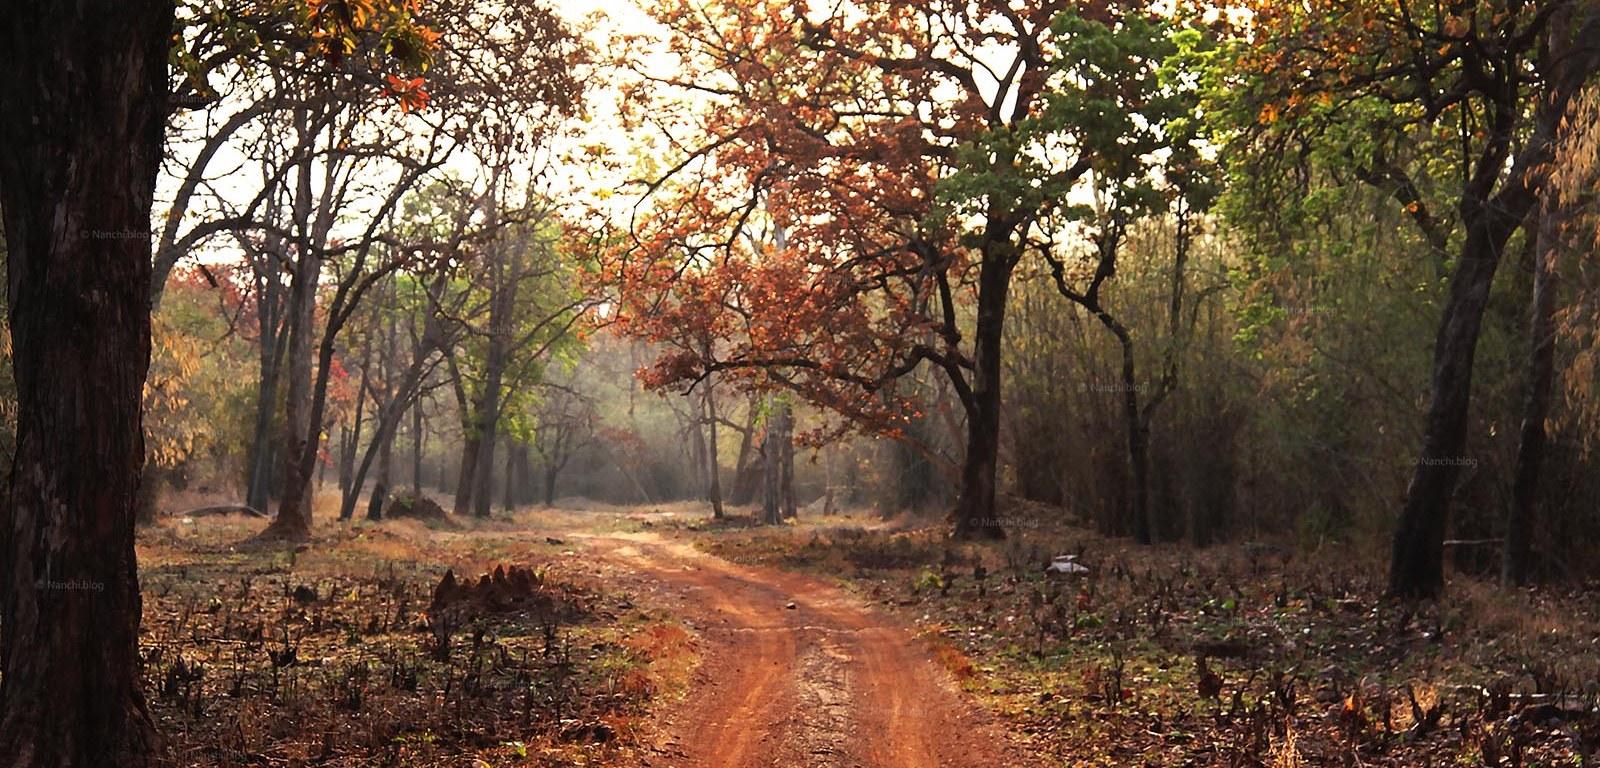 Jungle Path, Tadoba Andhari Tiger Reserve, Chandrapur, Maharashtra